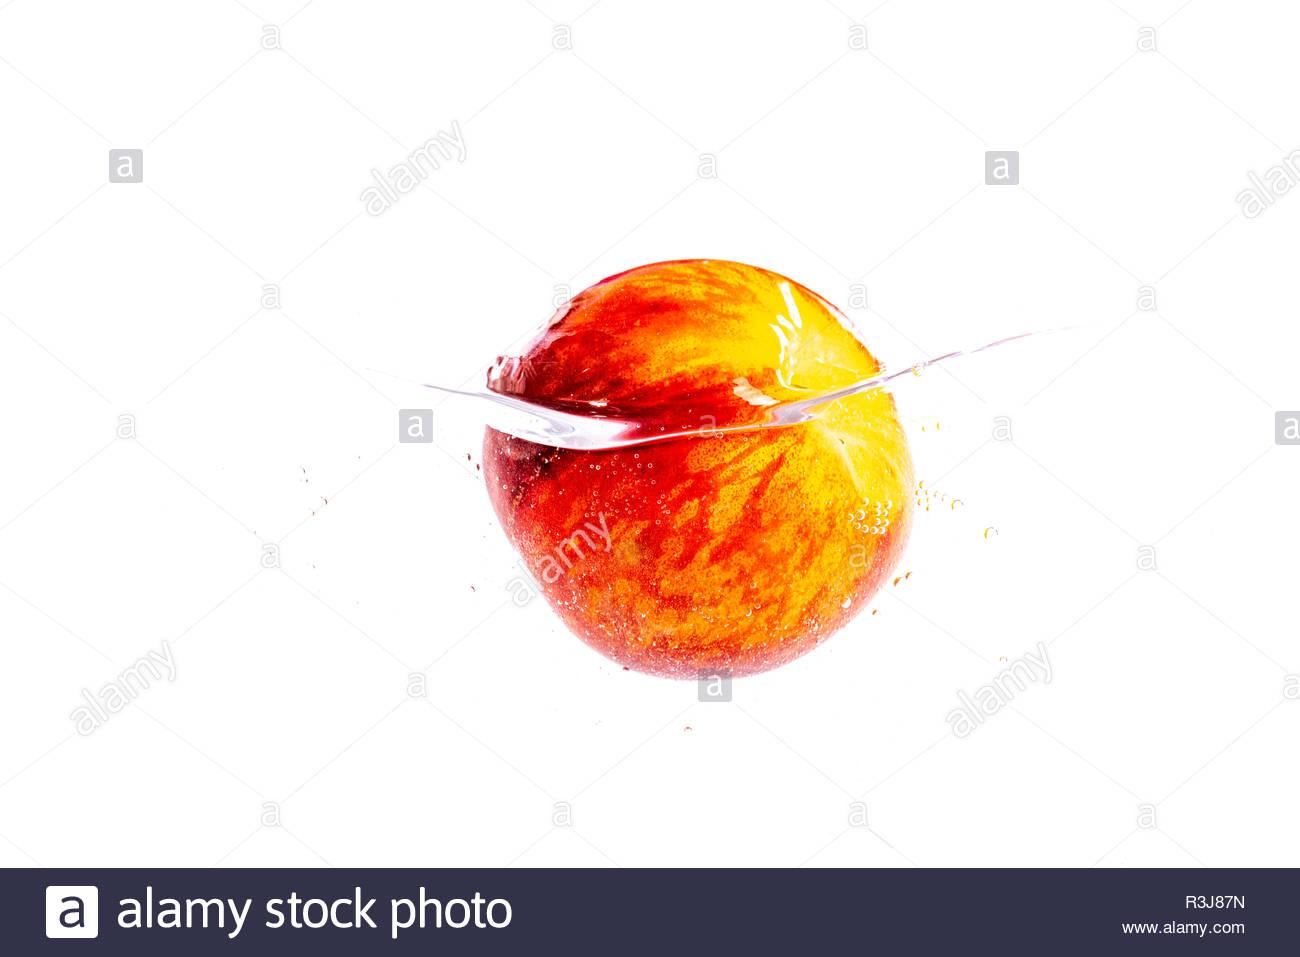 Frischer Pfirsich im Wasser - Stock Image